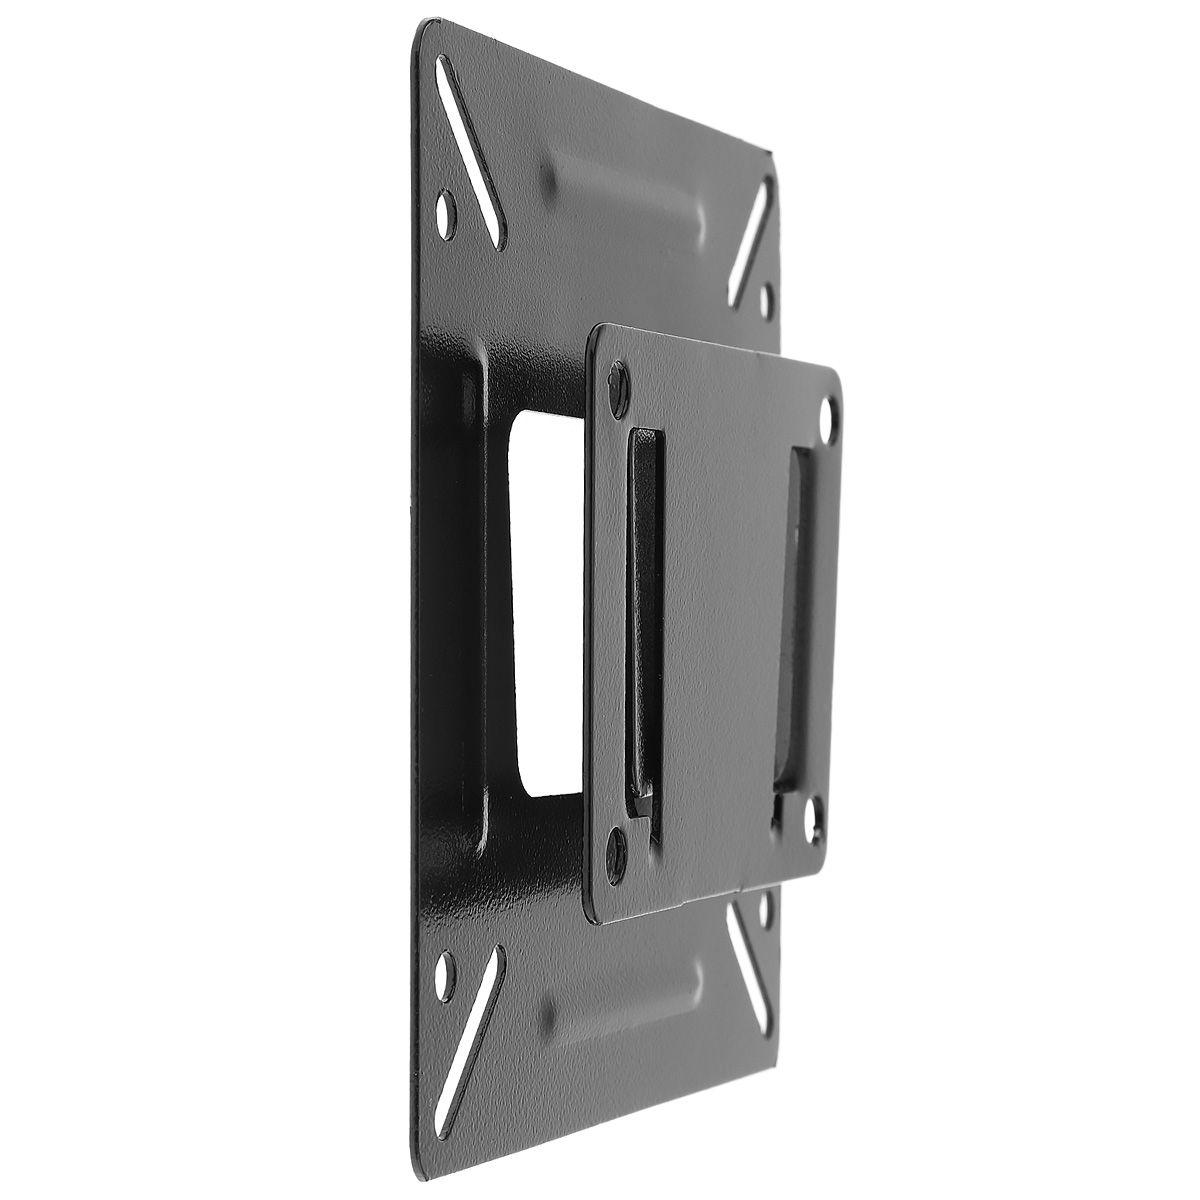 Evrensel TV Duvar Montaj Dirseği için 14 ~ 24 Inç LCD LED Monitör Düz Panel TV Çerçevesi HMP_609